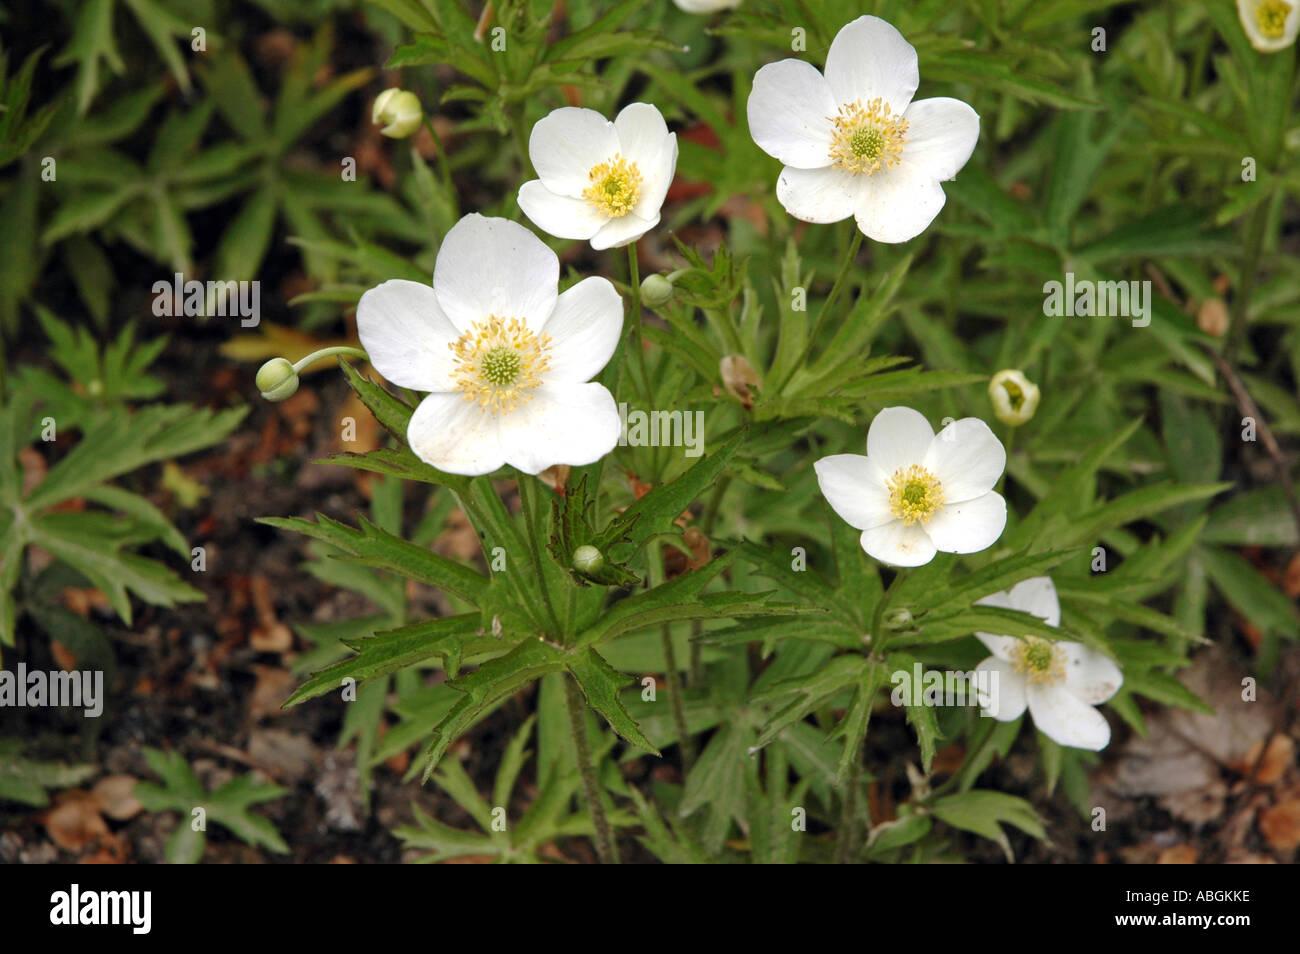 Wiese Anemone Anemone Canadensis auch genannt Windflower oder Mayflower oder kanadischen anemone Stockbild